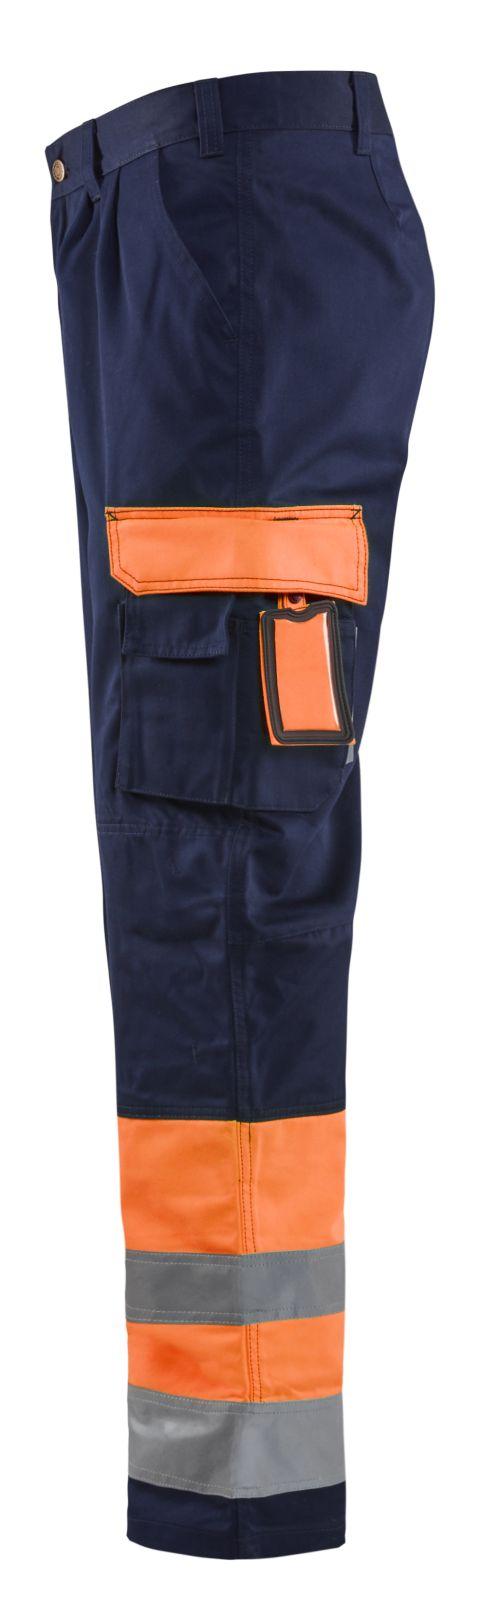 Blaklader Werkbroeken 15841860 High Vis oranje-marineblauw(5389)